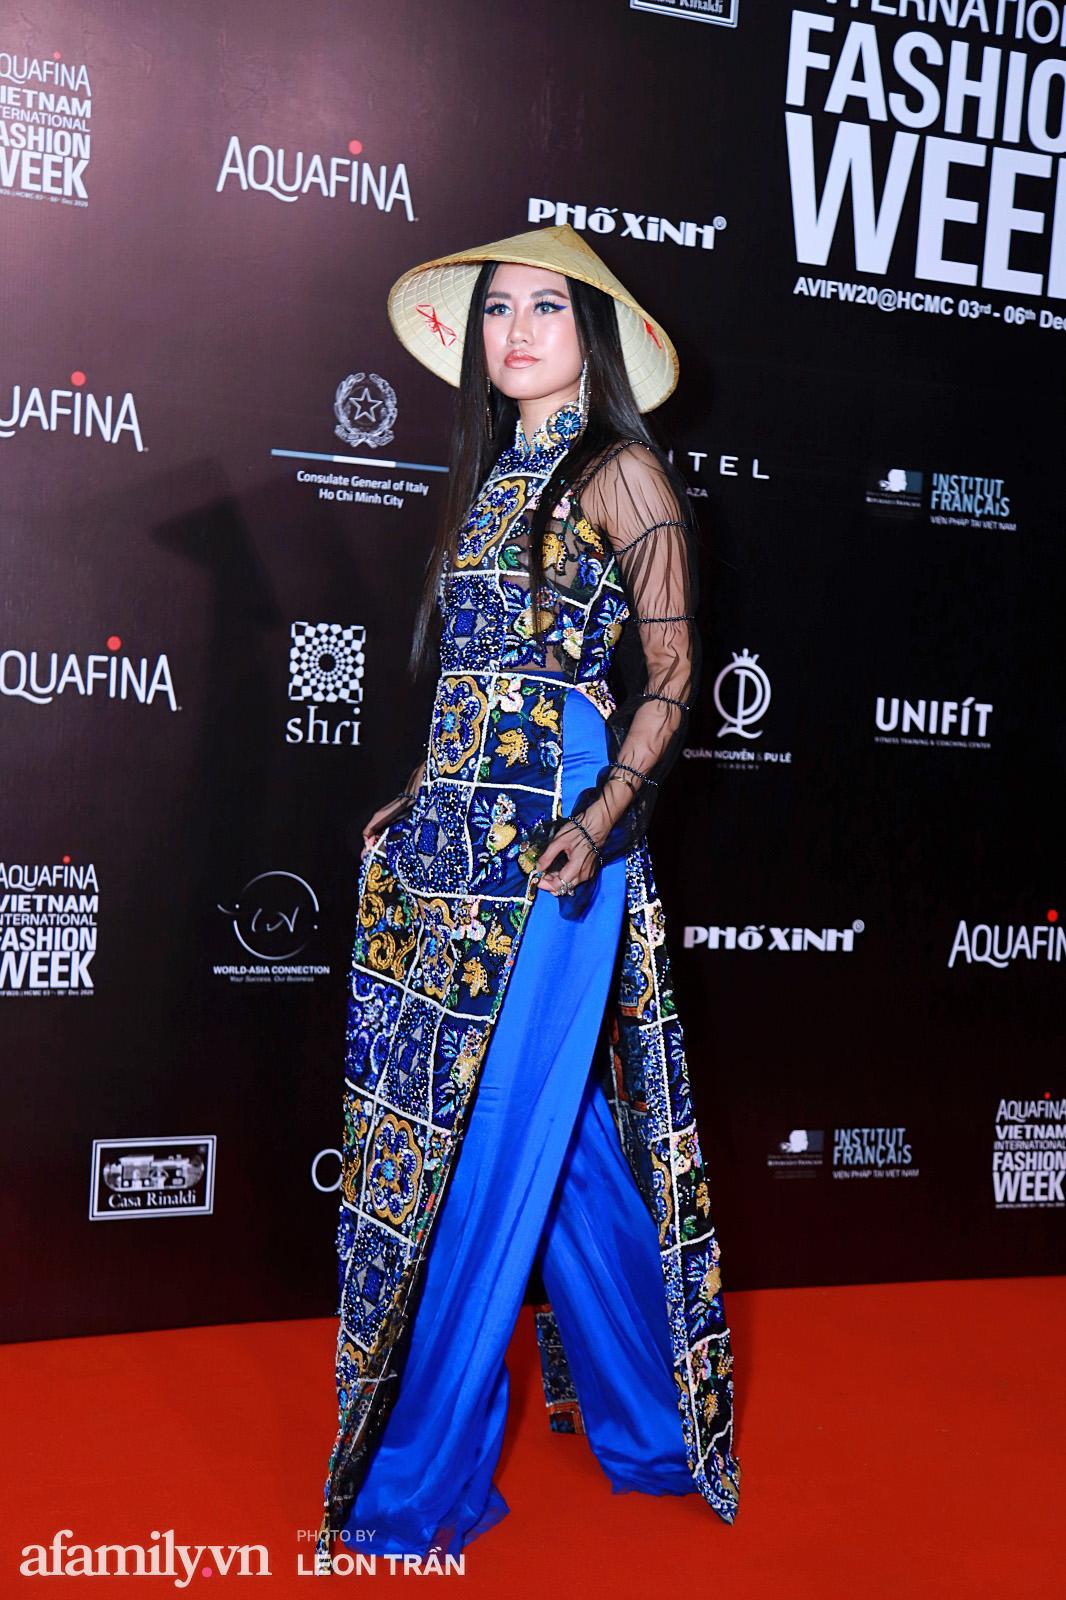 Thảm đỏ Aquafina Vietnam International Fashion Week 2020 ngày 3: Nhã Phương trẻ xinh diện cả cây trắng, Diệu Nhi nhìn khác lạ trong bộ áo dài cách tân  - Ảnh 13.